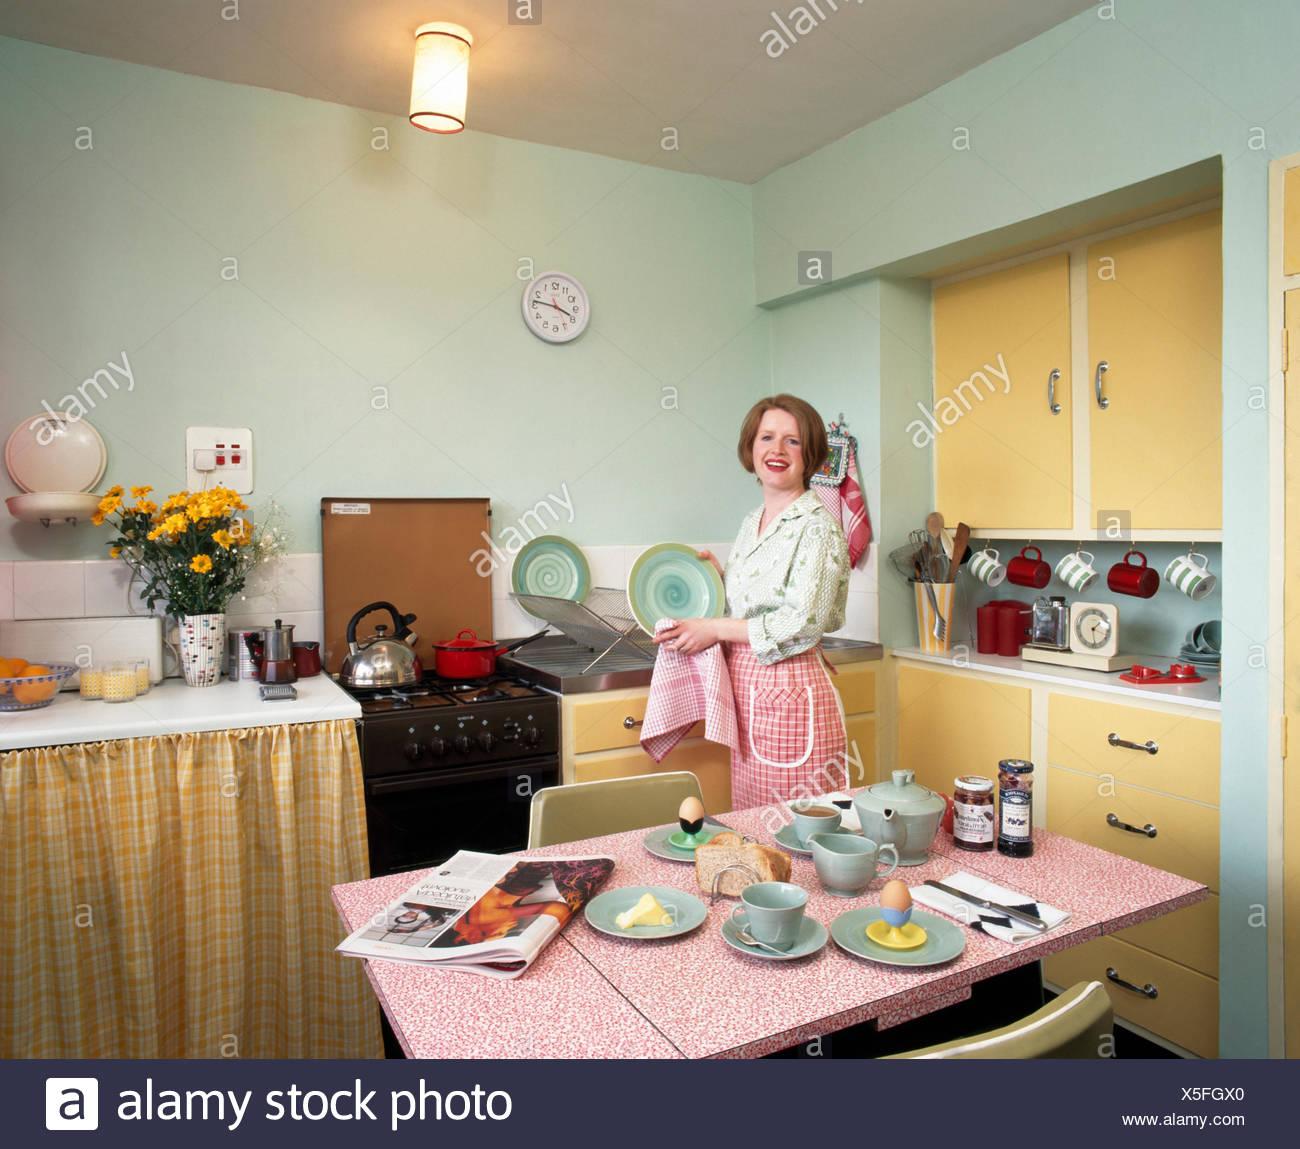 Porträt einer jungen Frau, die Trocknung Gerichte in neunziger Jahre, Wirtschaft Küche für nur zur redaktionellen Nutzung Stockbild